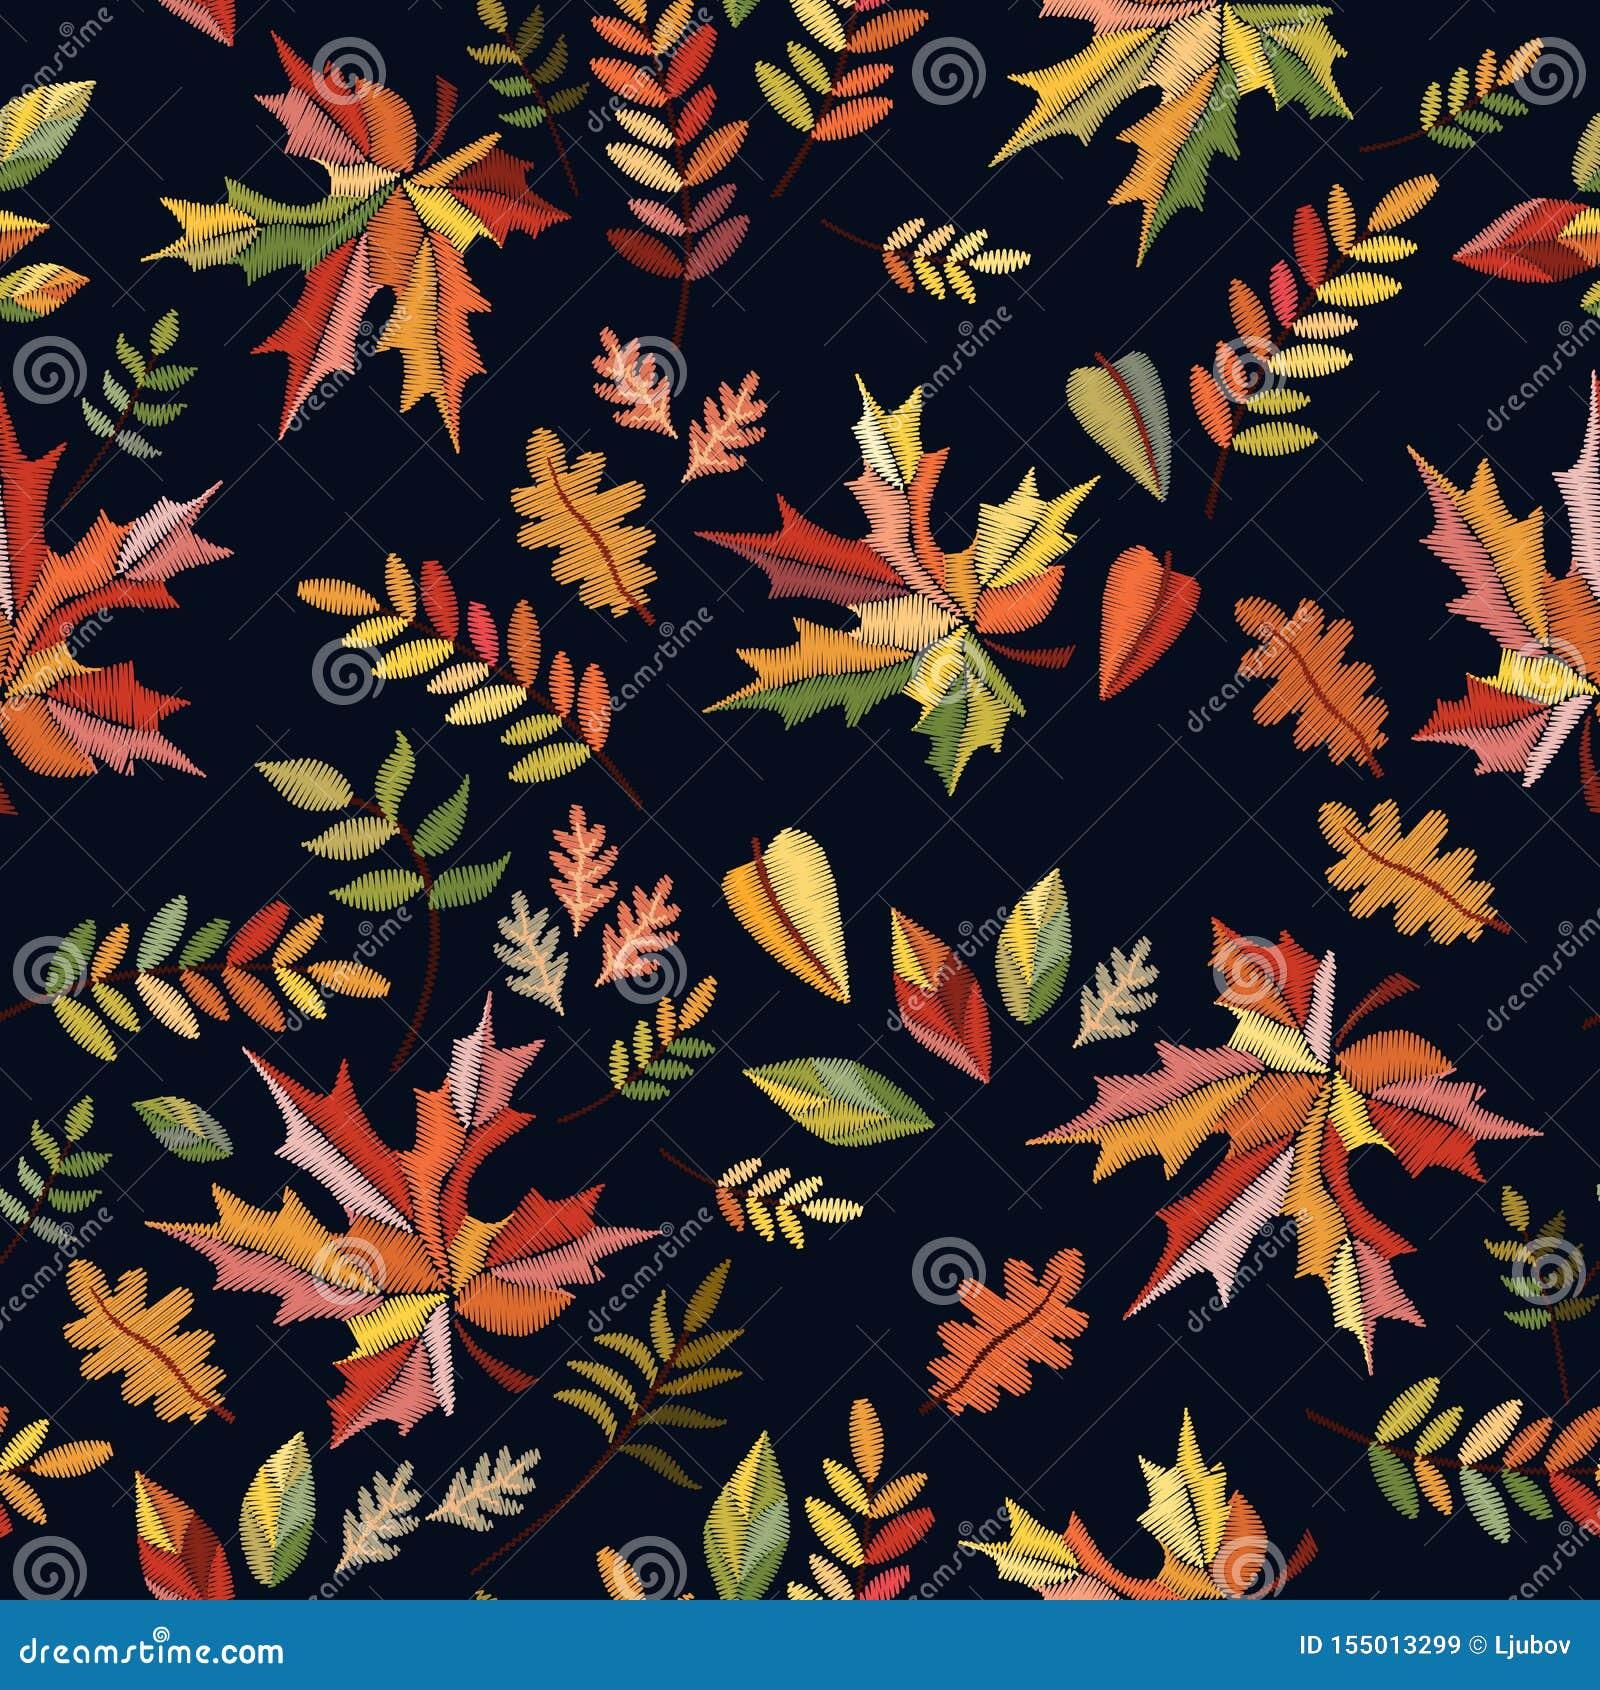 Φωτεινό άνευ ραφής σχέδιο κεντητικής με τα ζωηρόχρωμα φύλλα φθινοπώρου στο μαύρο υπόβαθρο